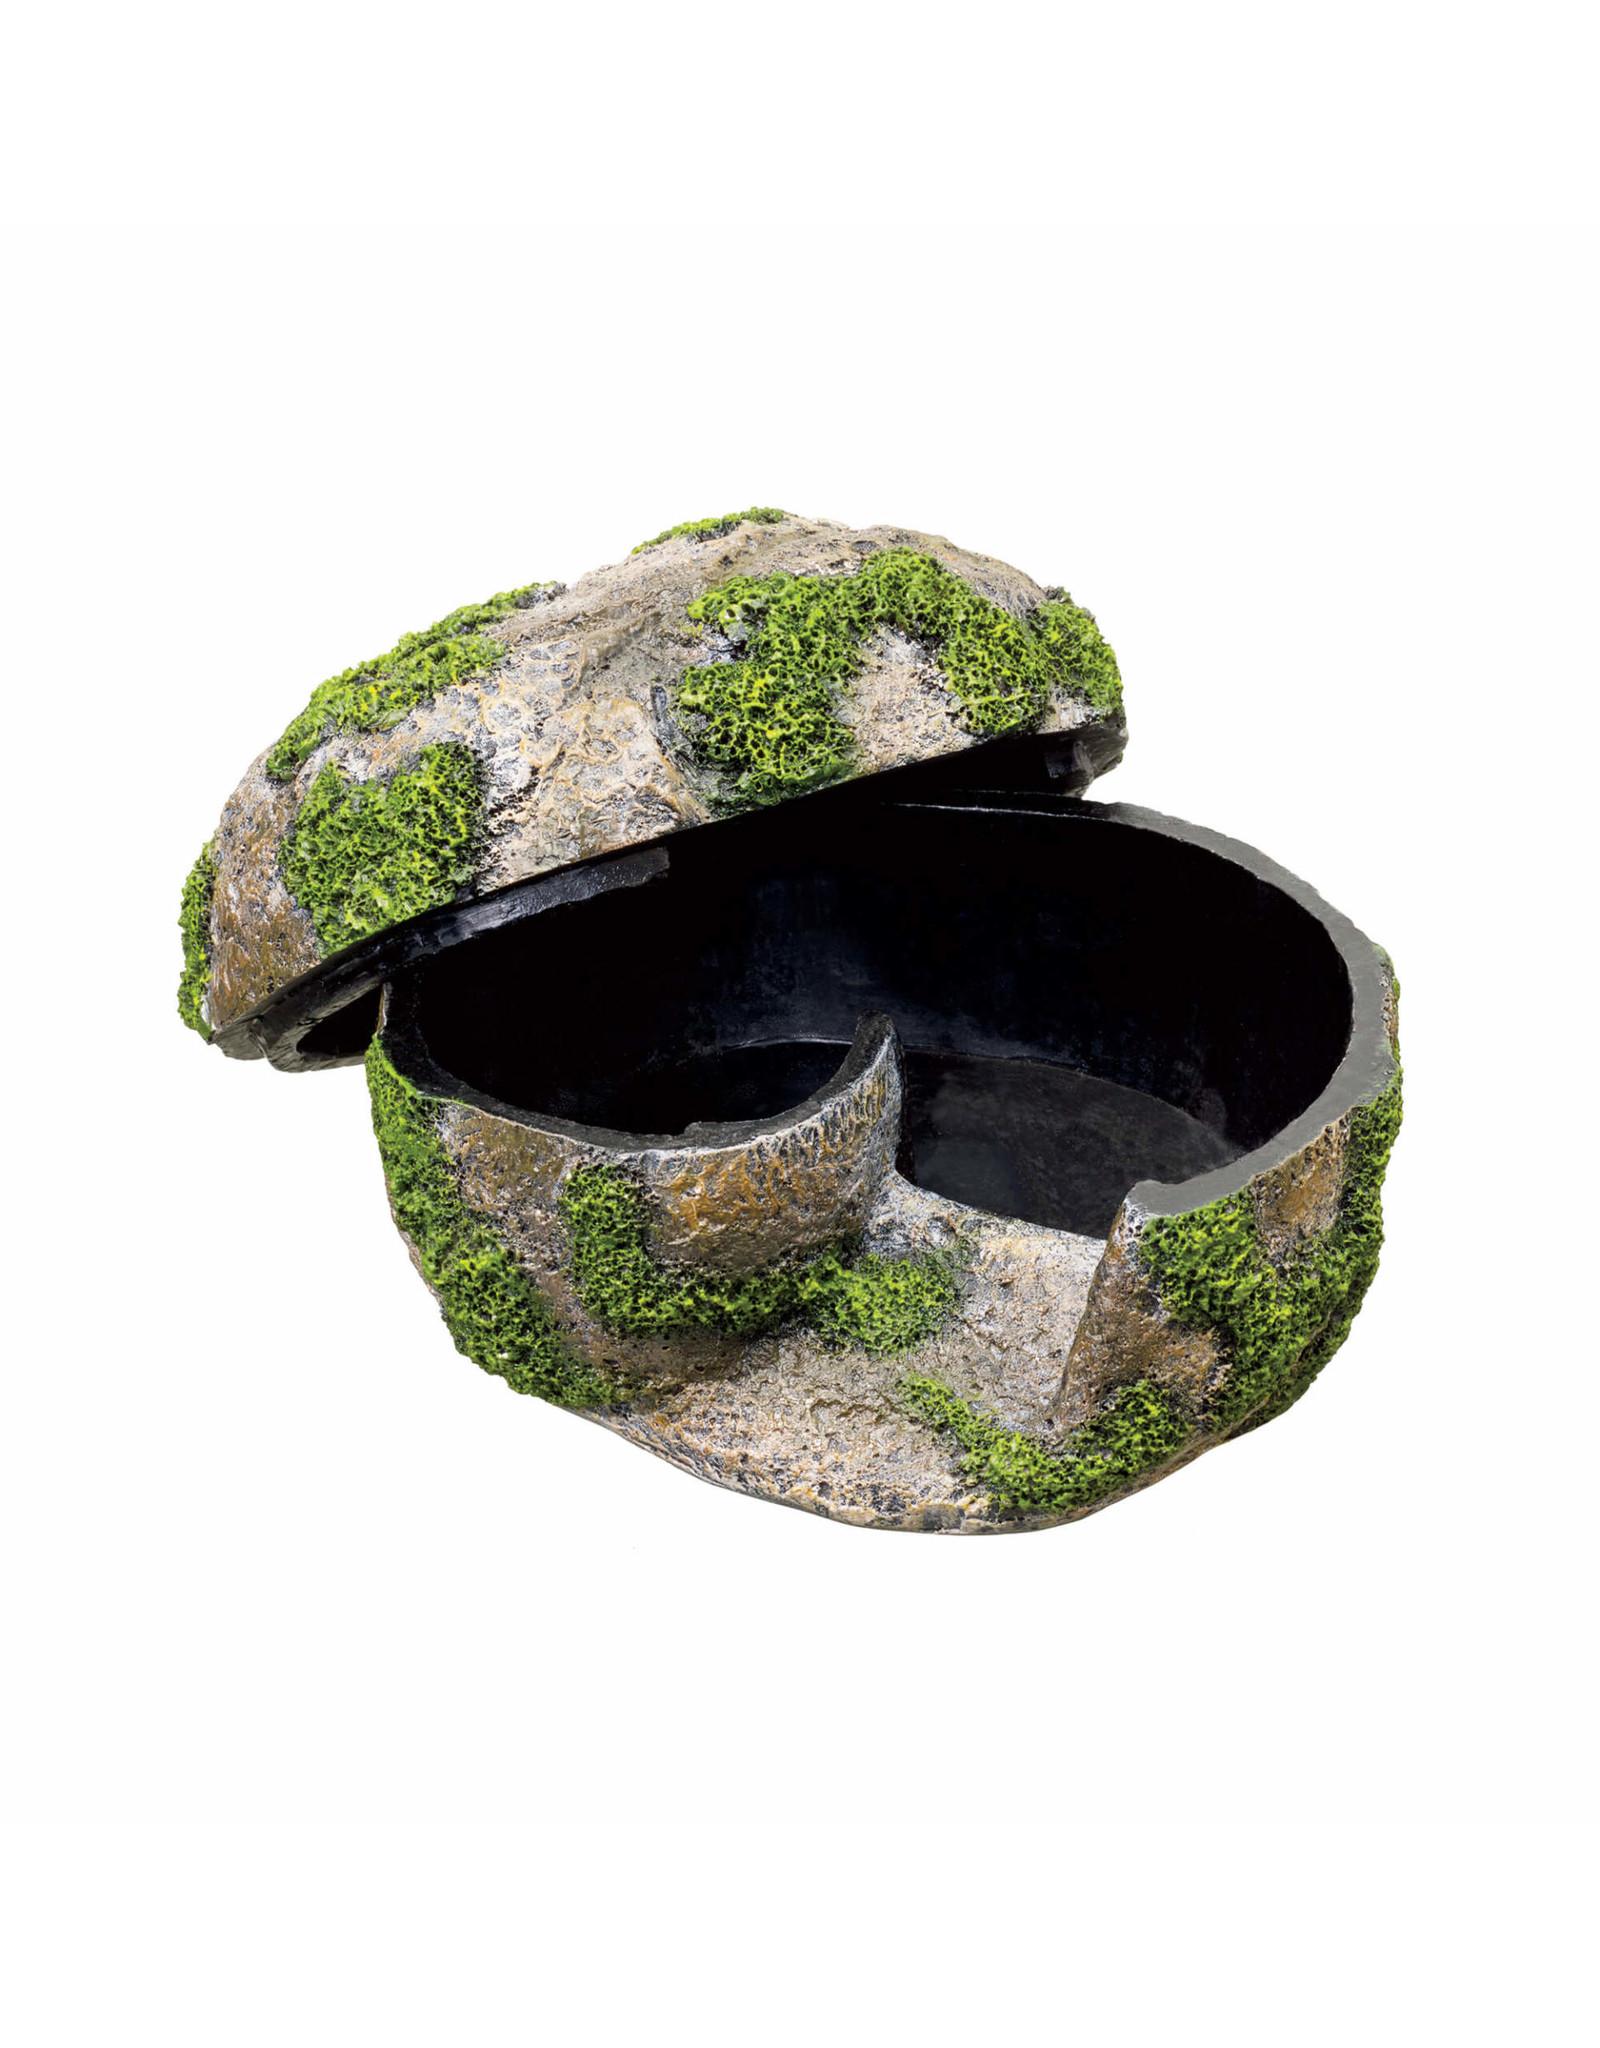 Zilla ZILLA Rock Lair Naturalistic Hideaway